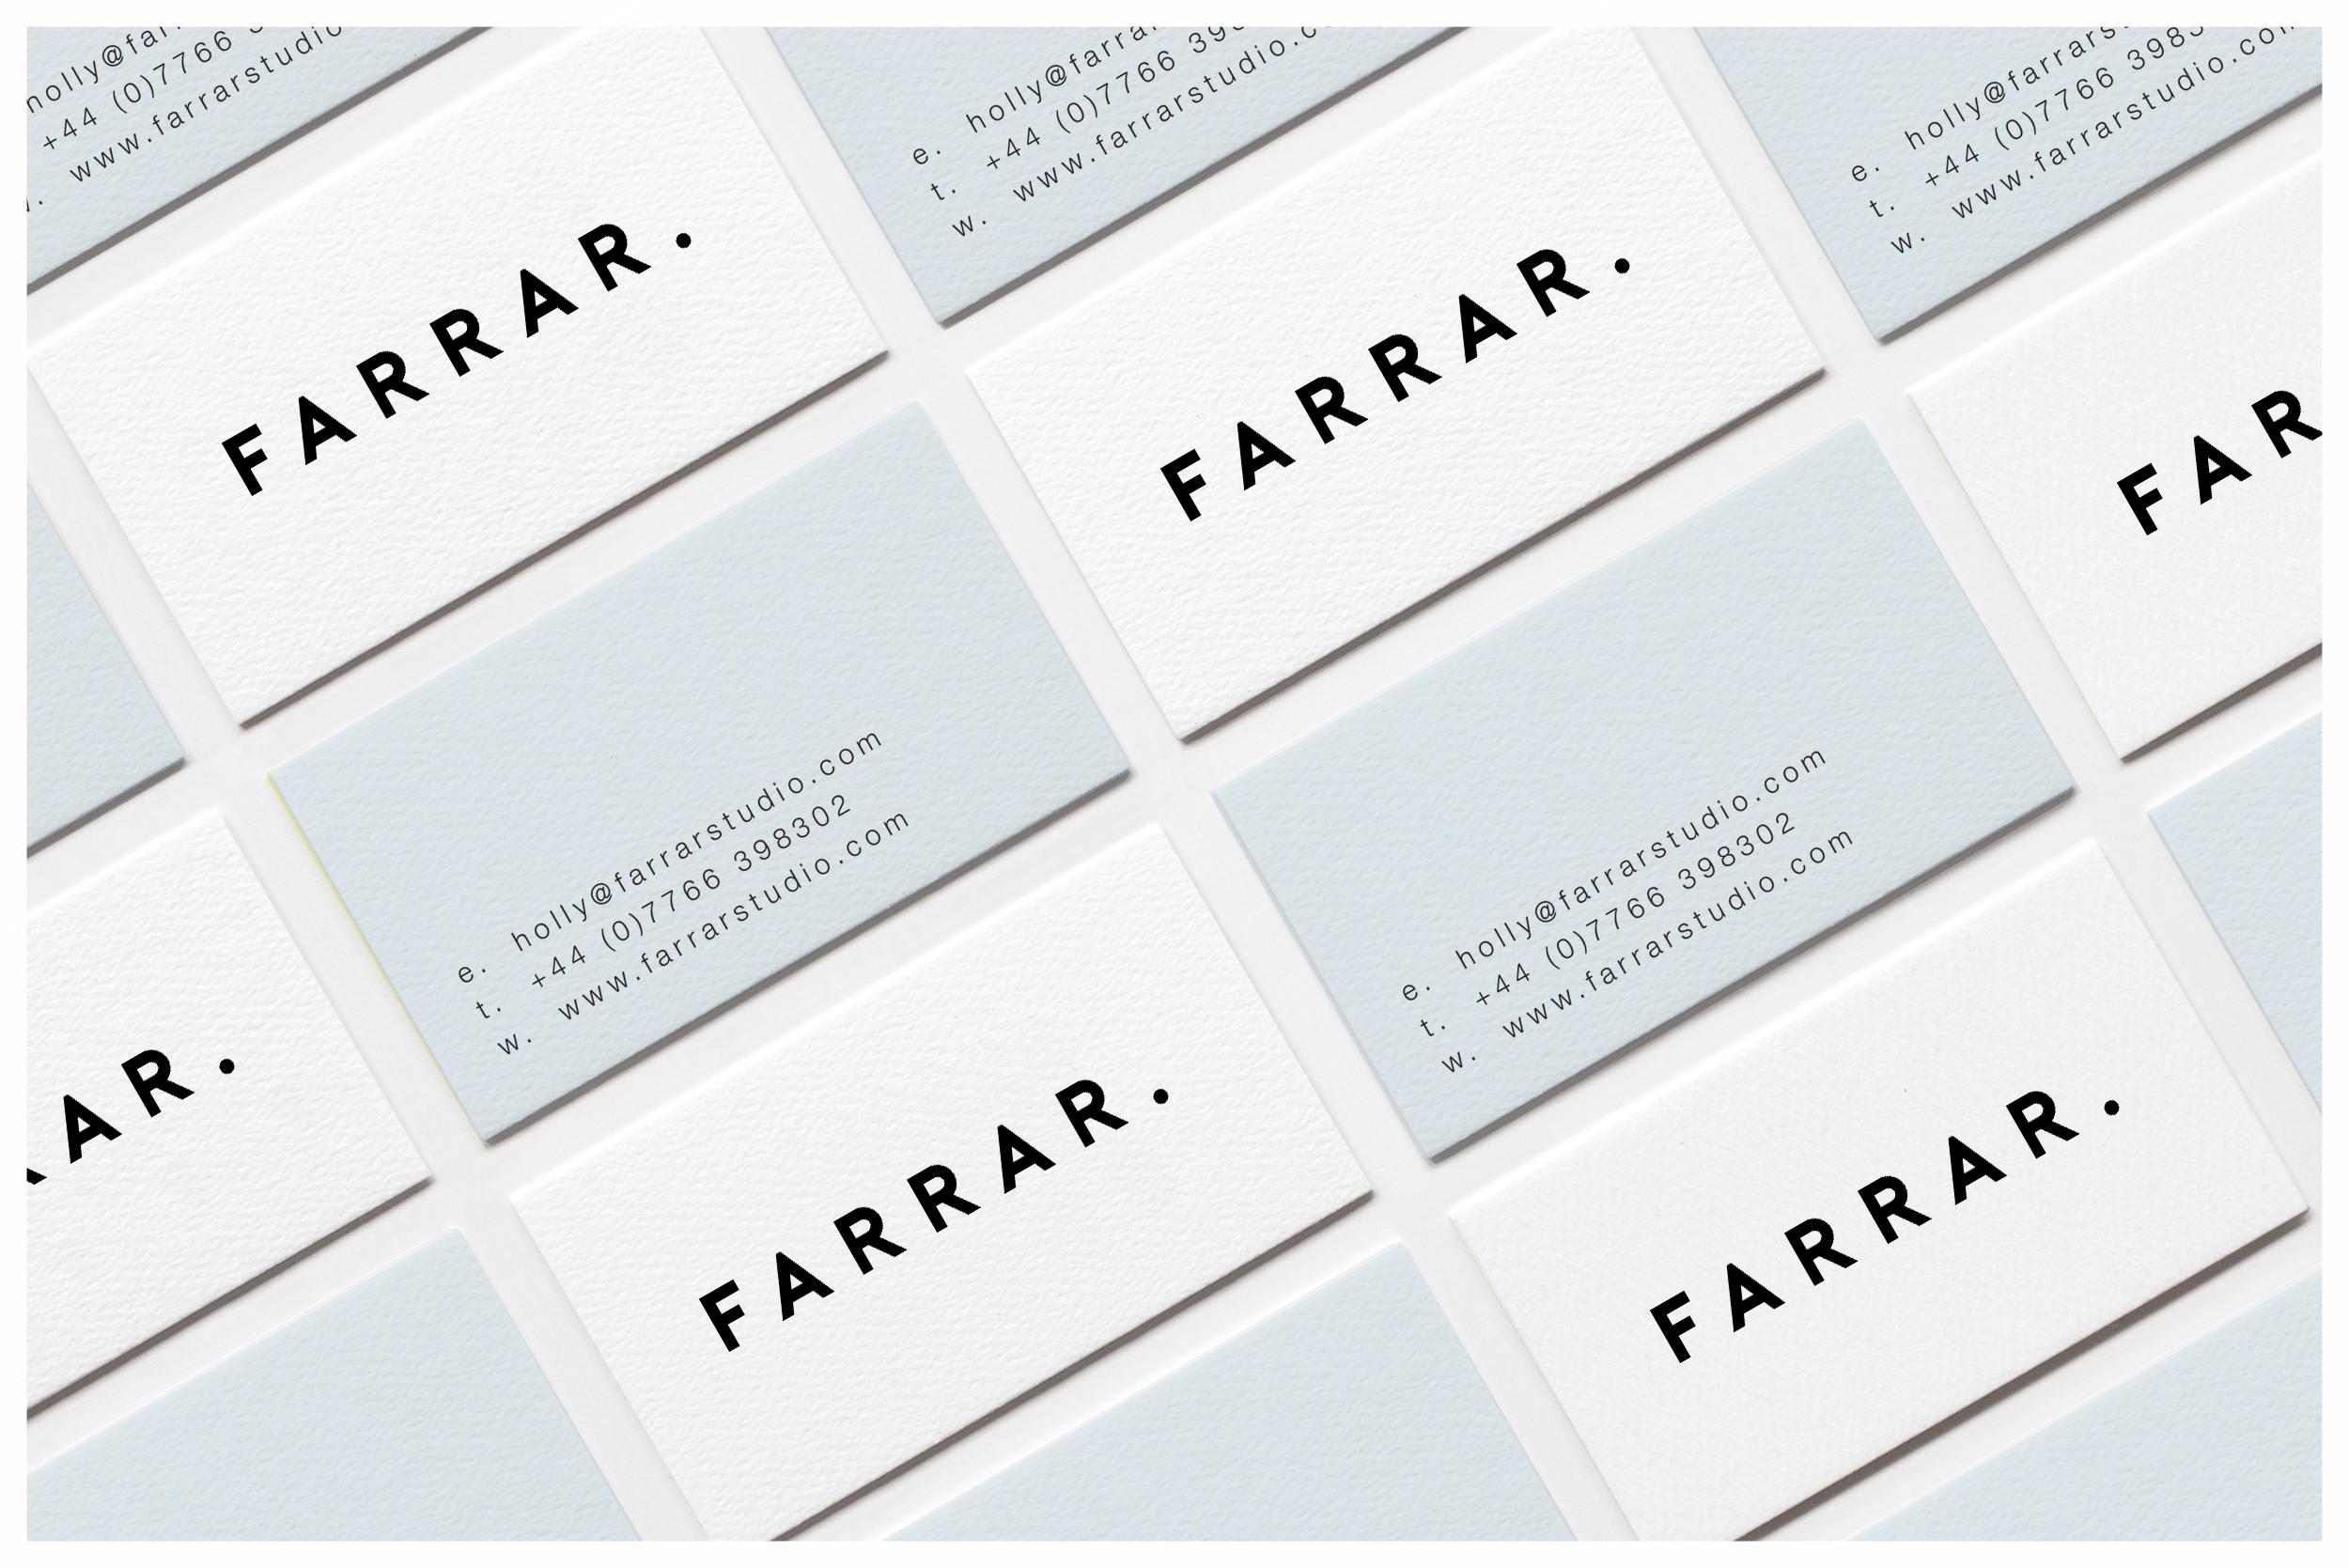 FARRAR Business cards.jpg